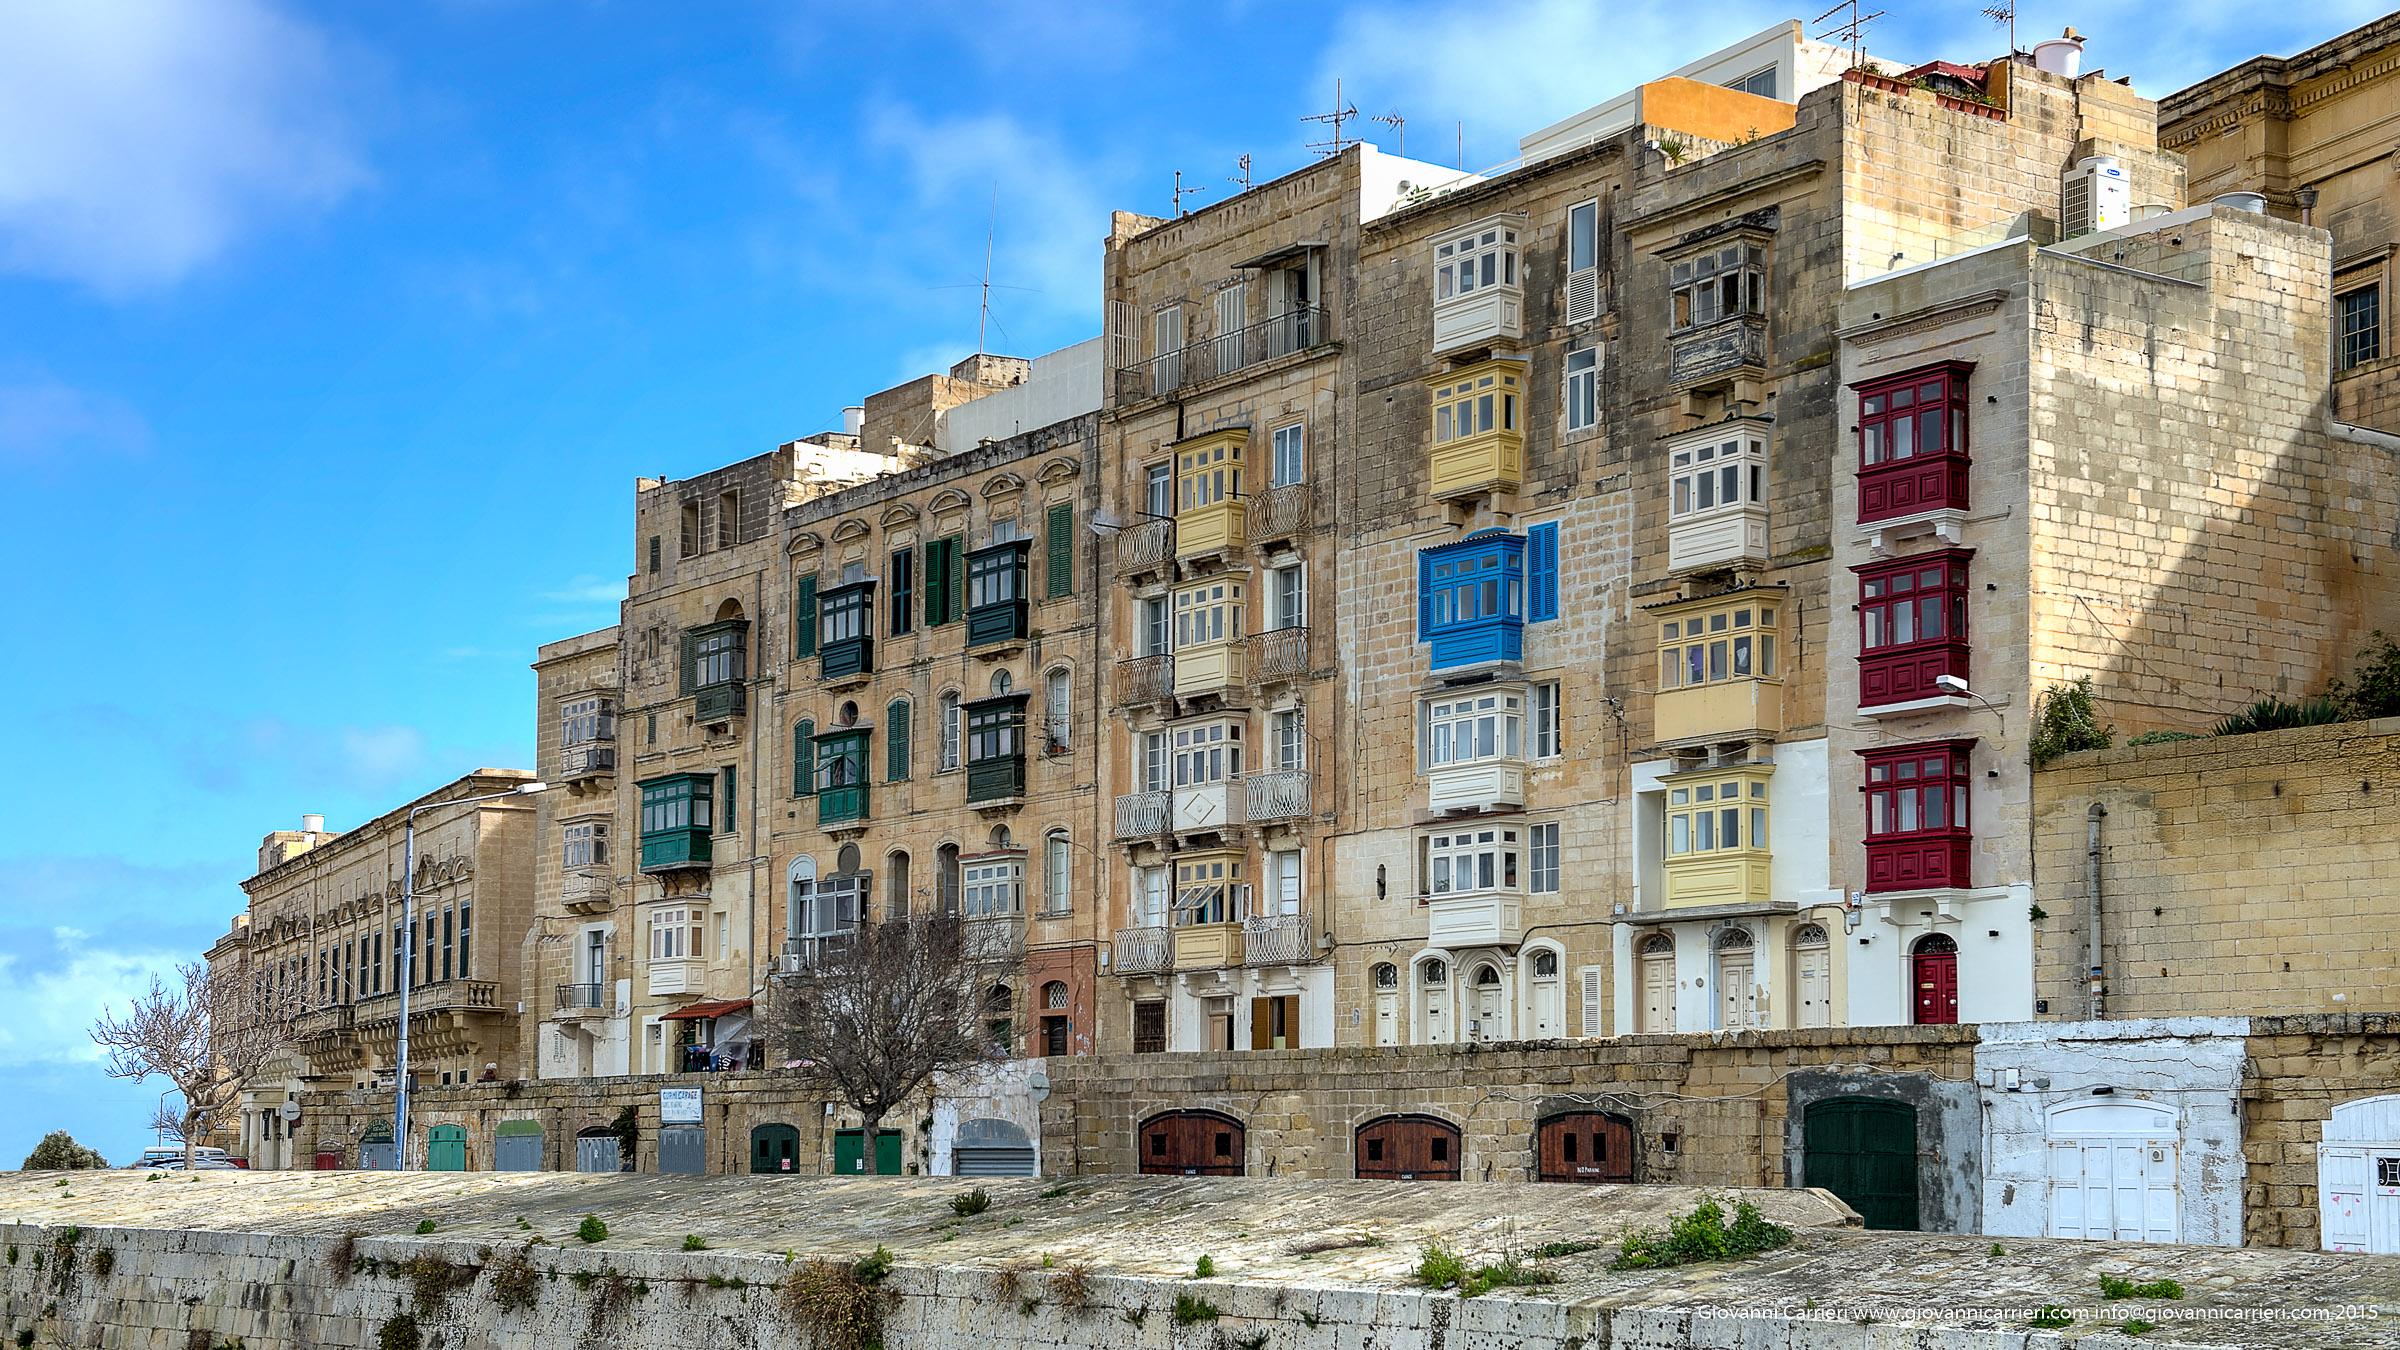 The palaces of Valletta - Malta